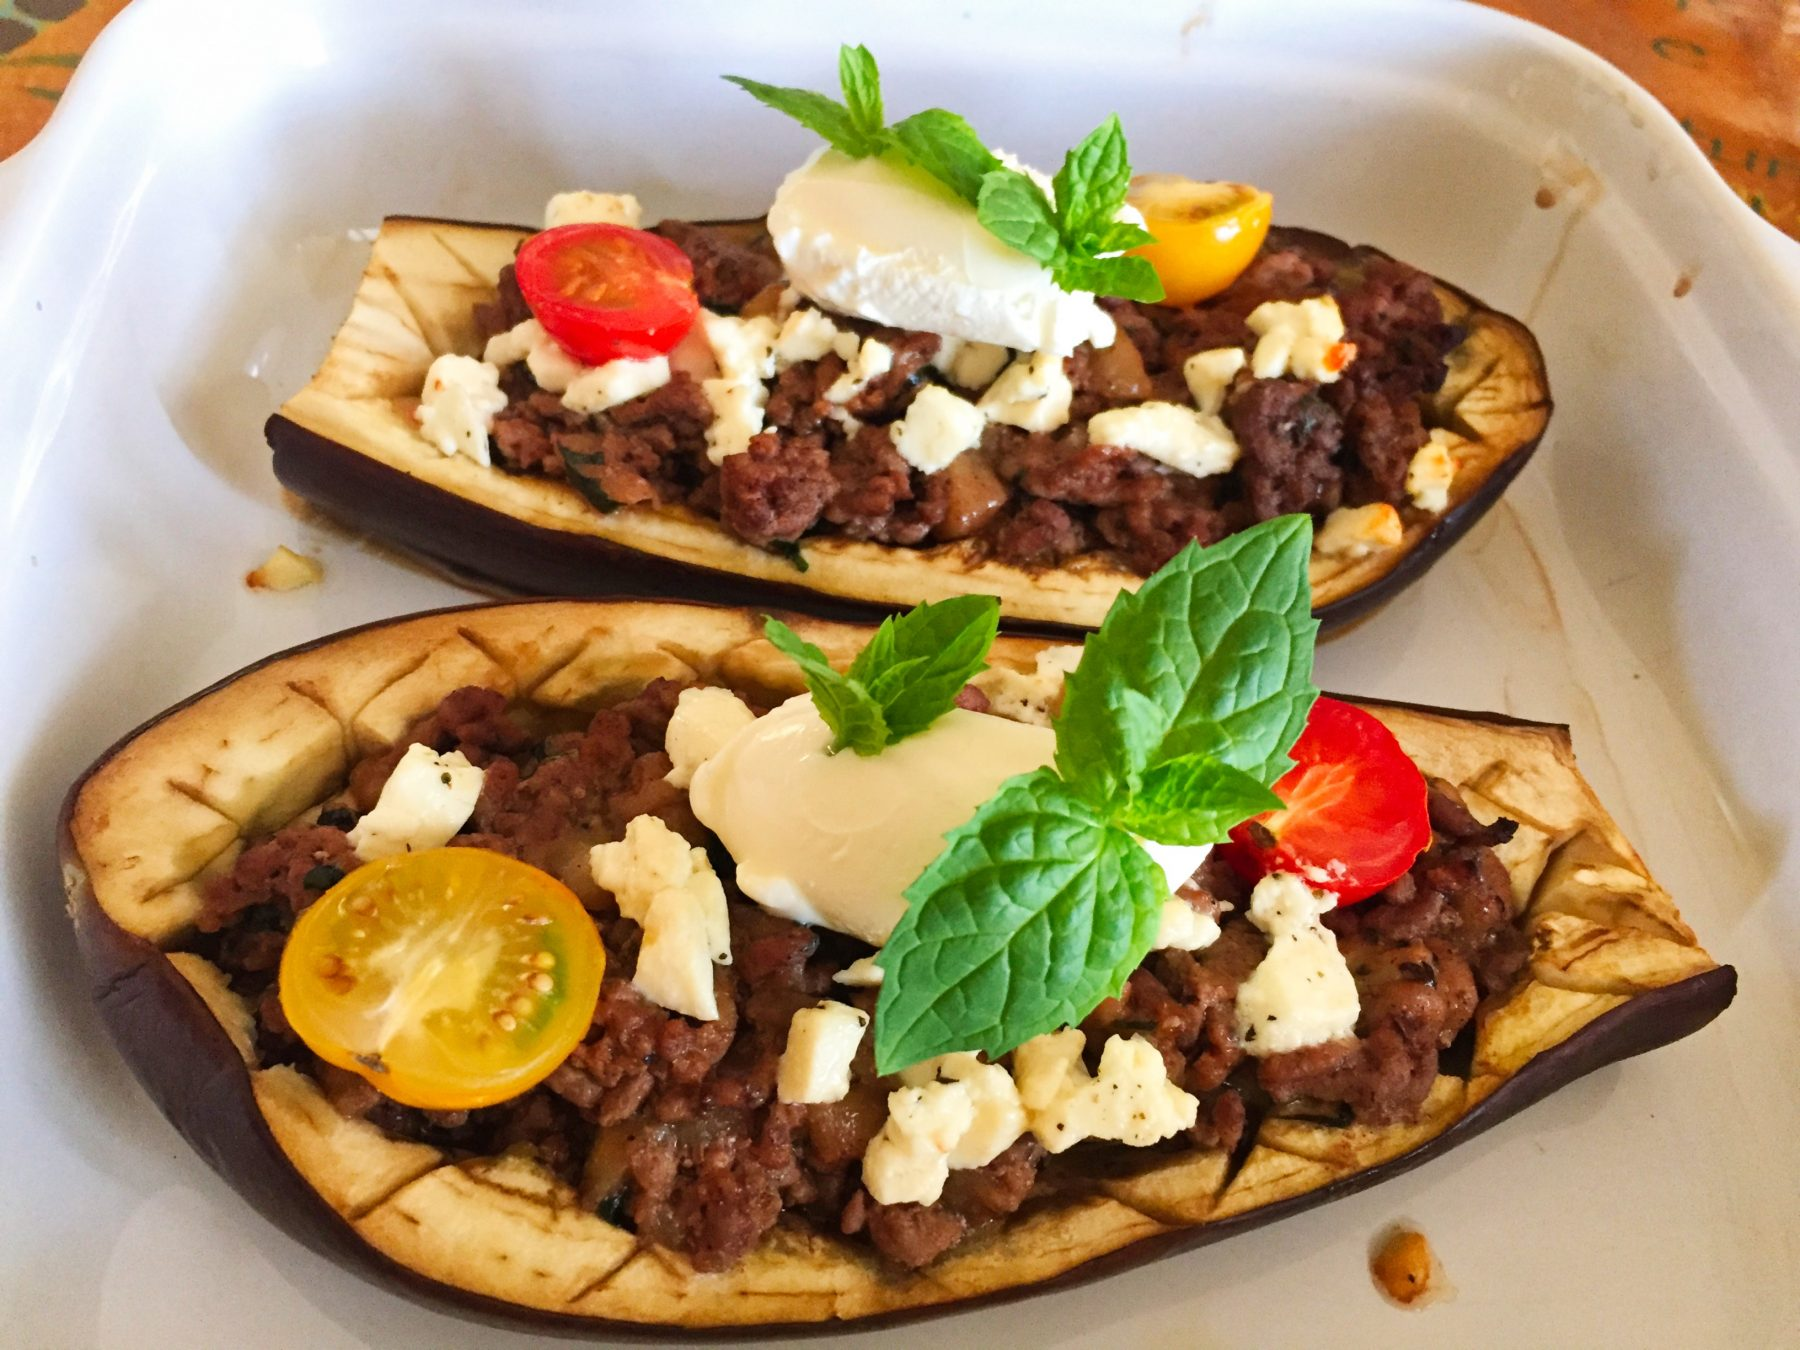 IMG 3794 - Aubergines farcies viande hachée, menthe, tomate, feta